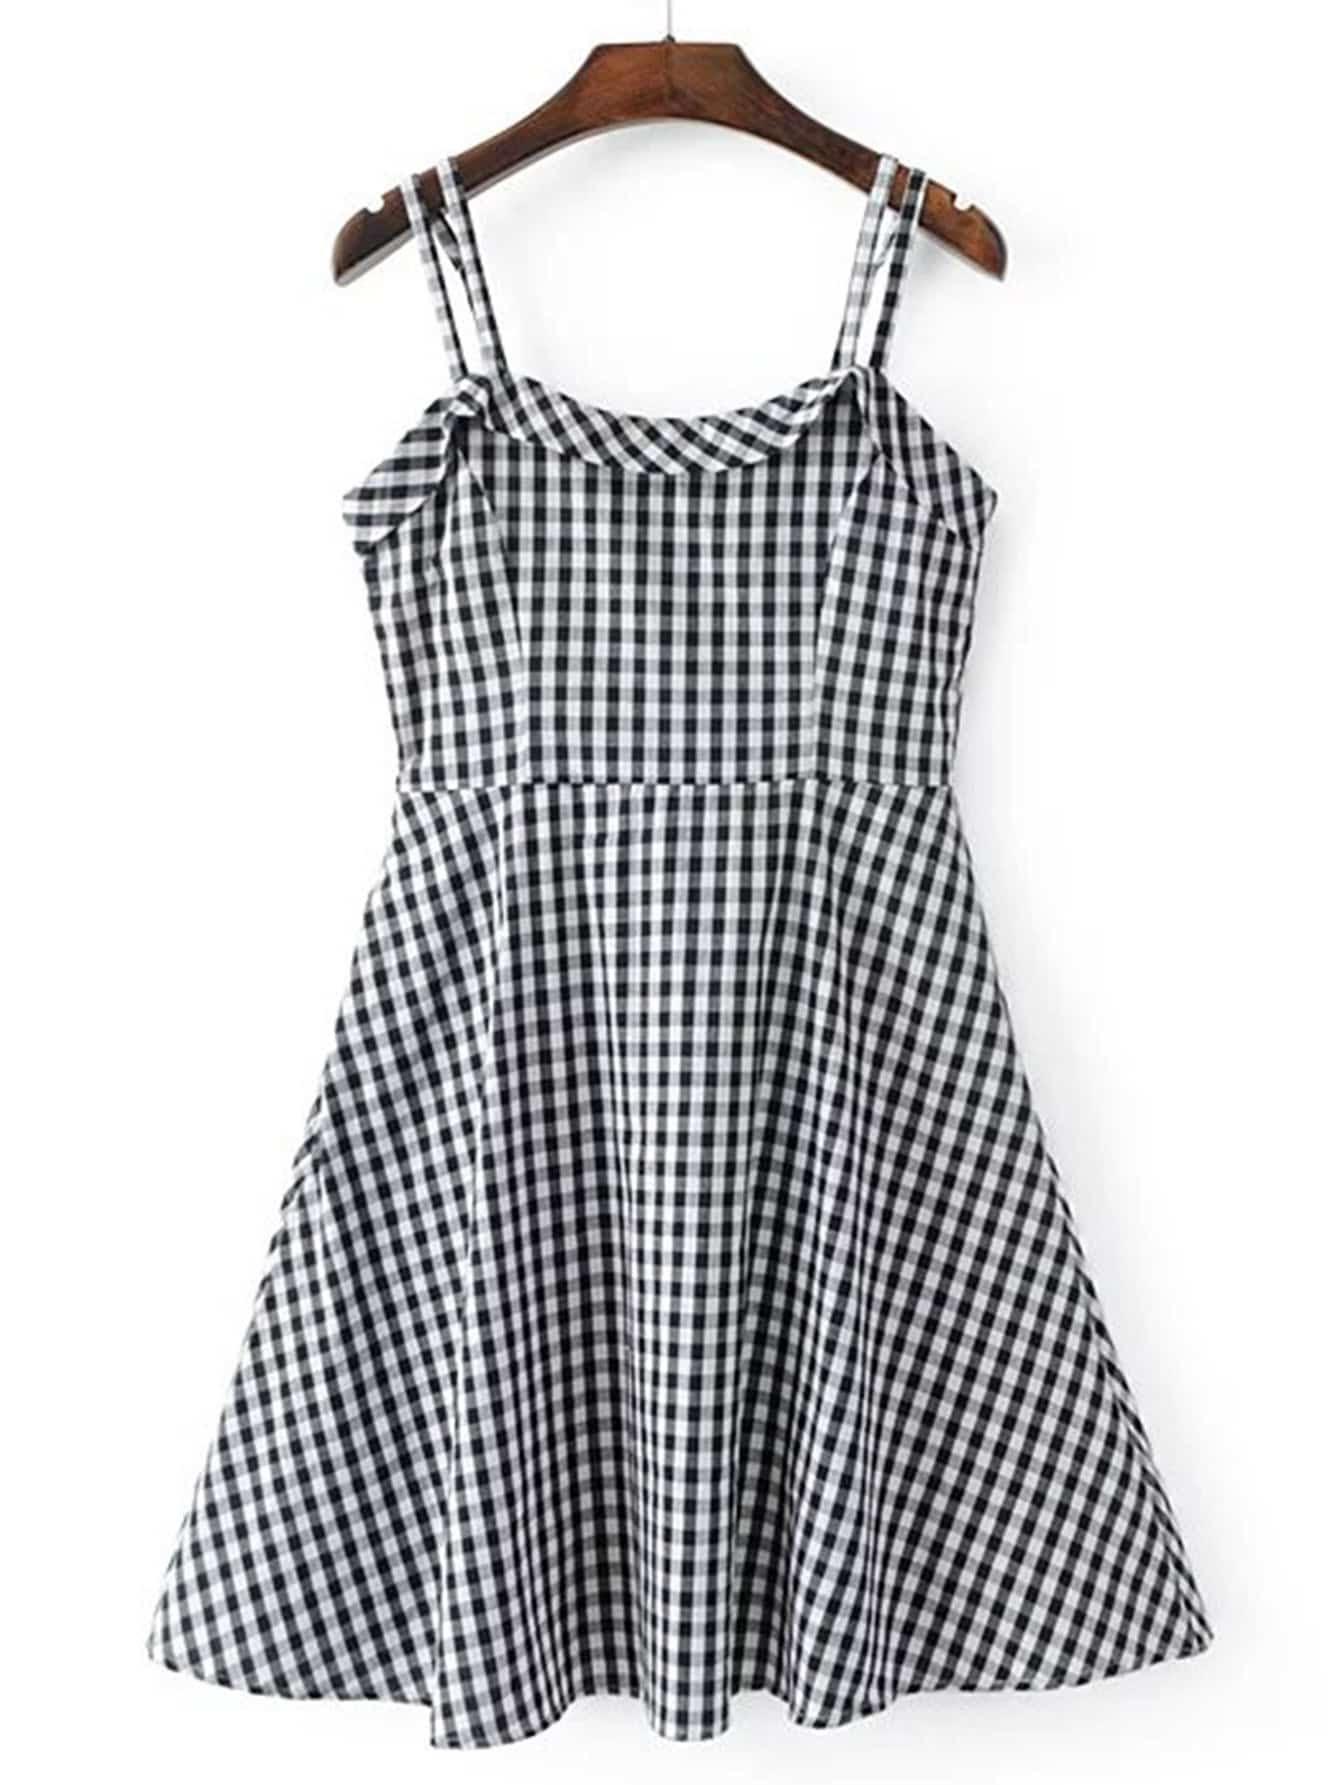 dress170426203_2